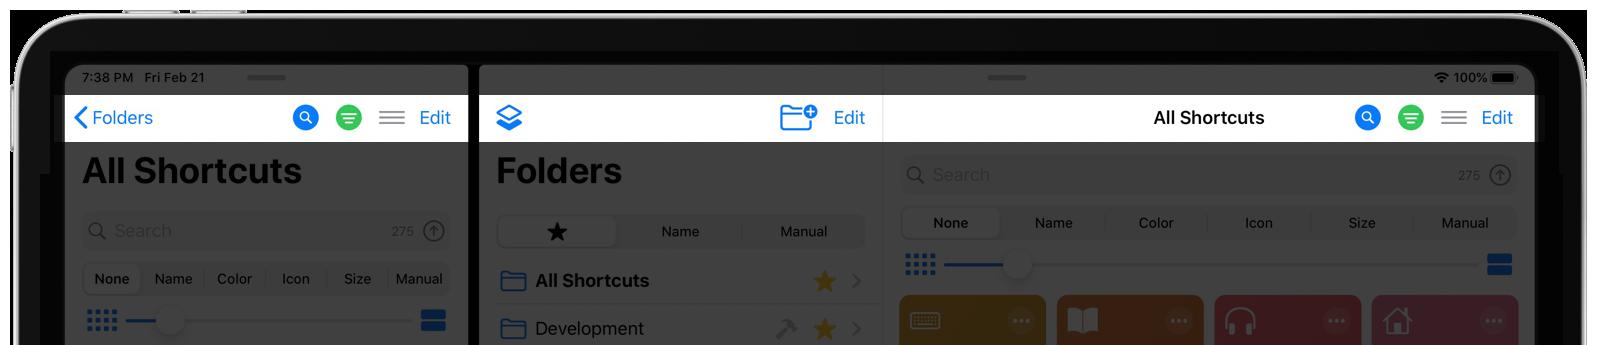 Shortcuts View Navigation Bar